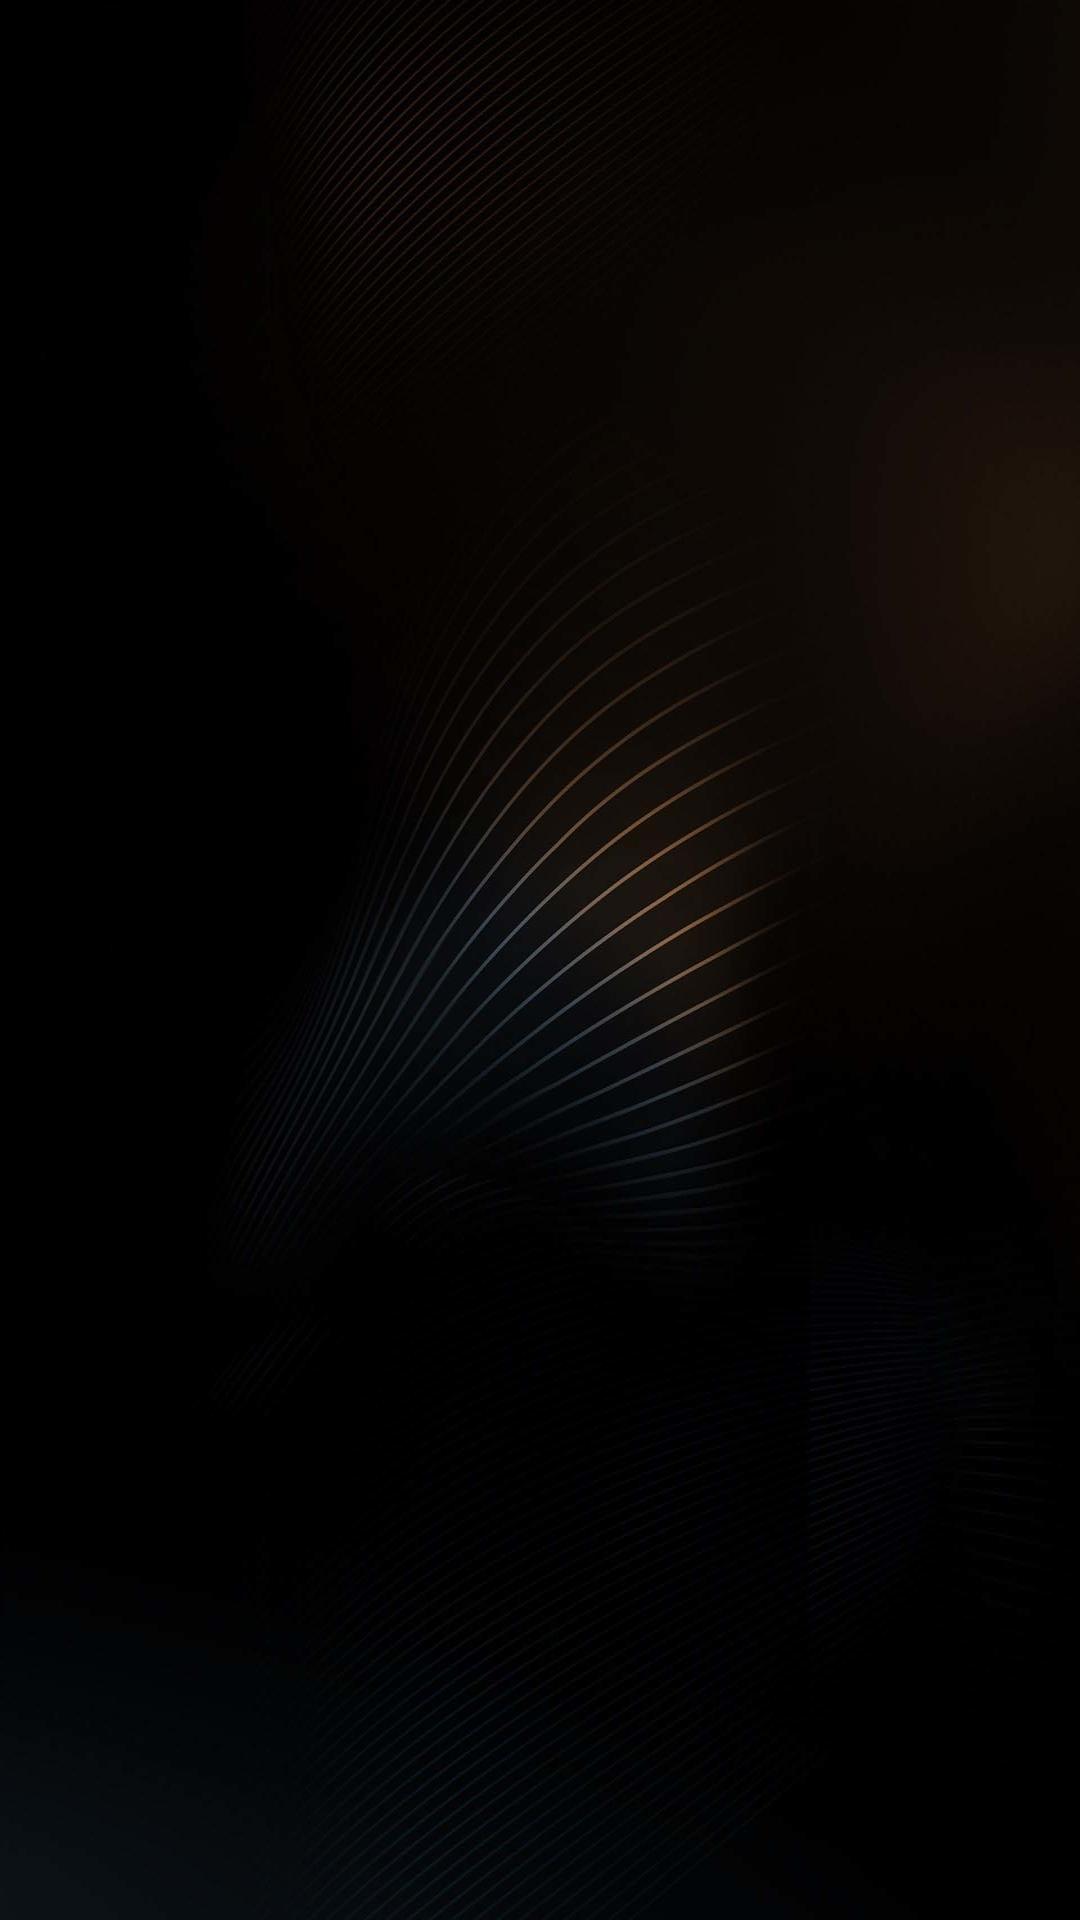 mate_10_porche_design_wall_TechFoogle_04